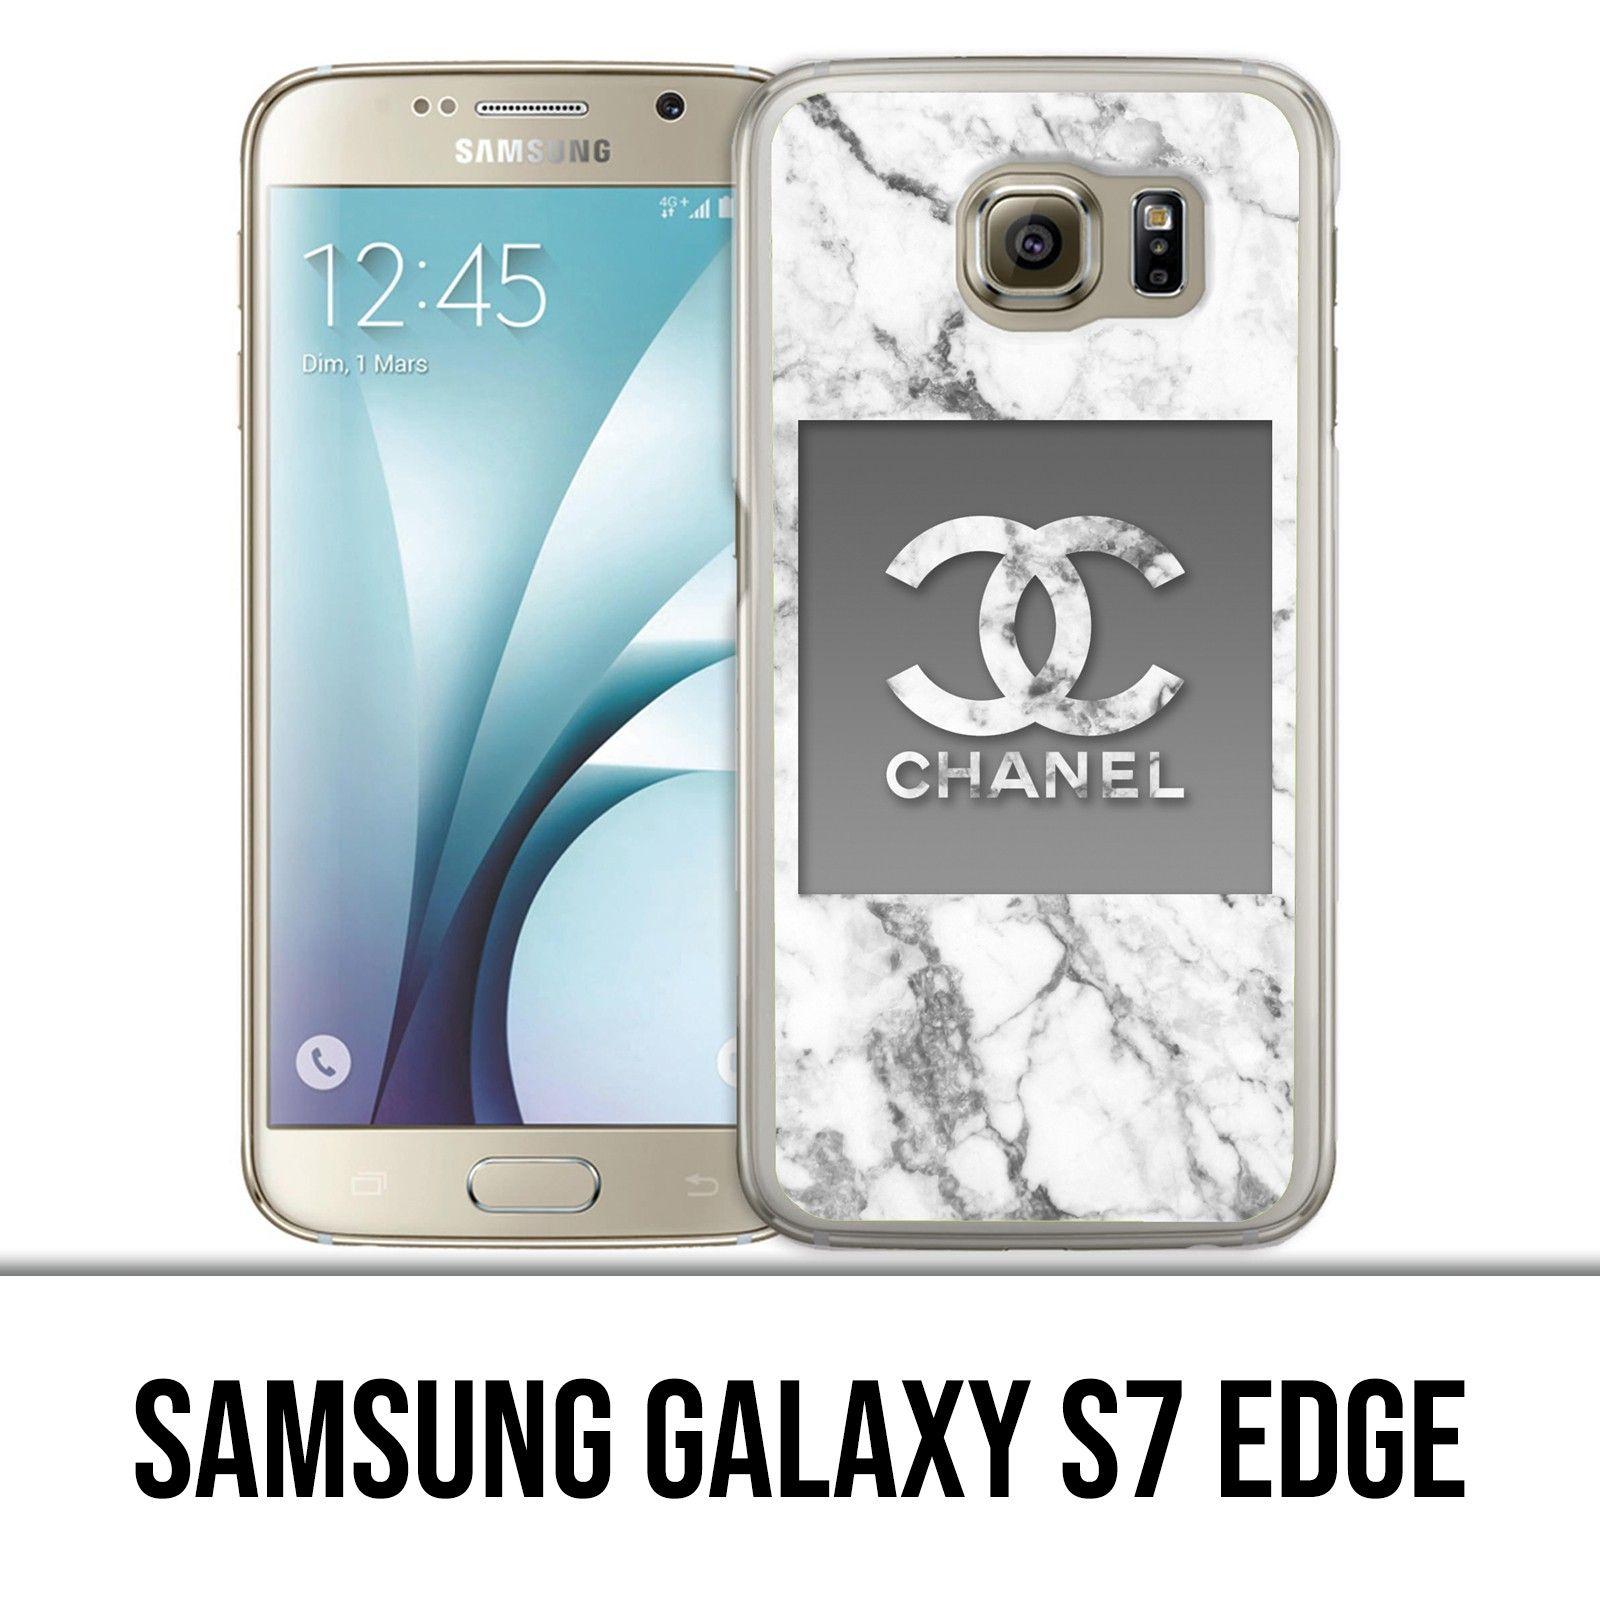 Coque Samsung Galaxy S7 edge - Chanel Marbre Blanc | Coque samsung ...